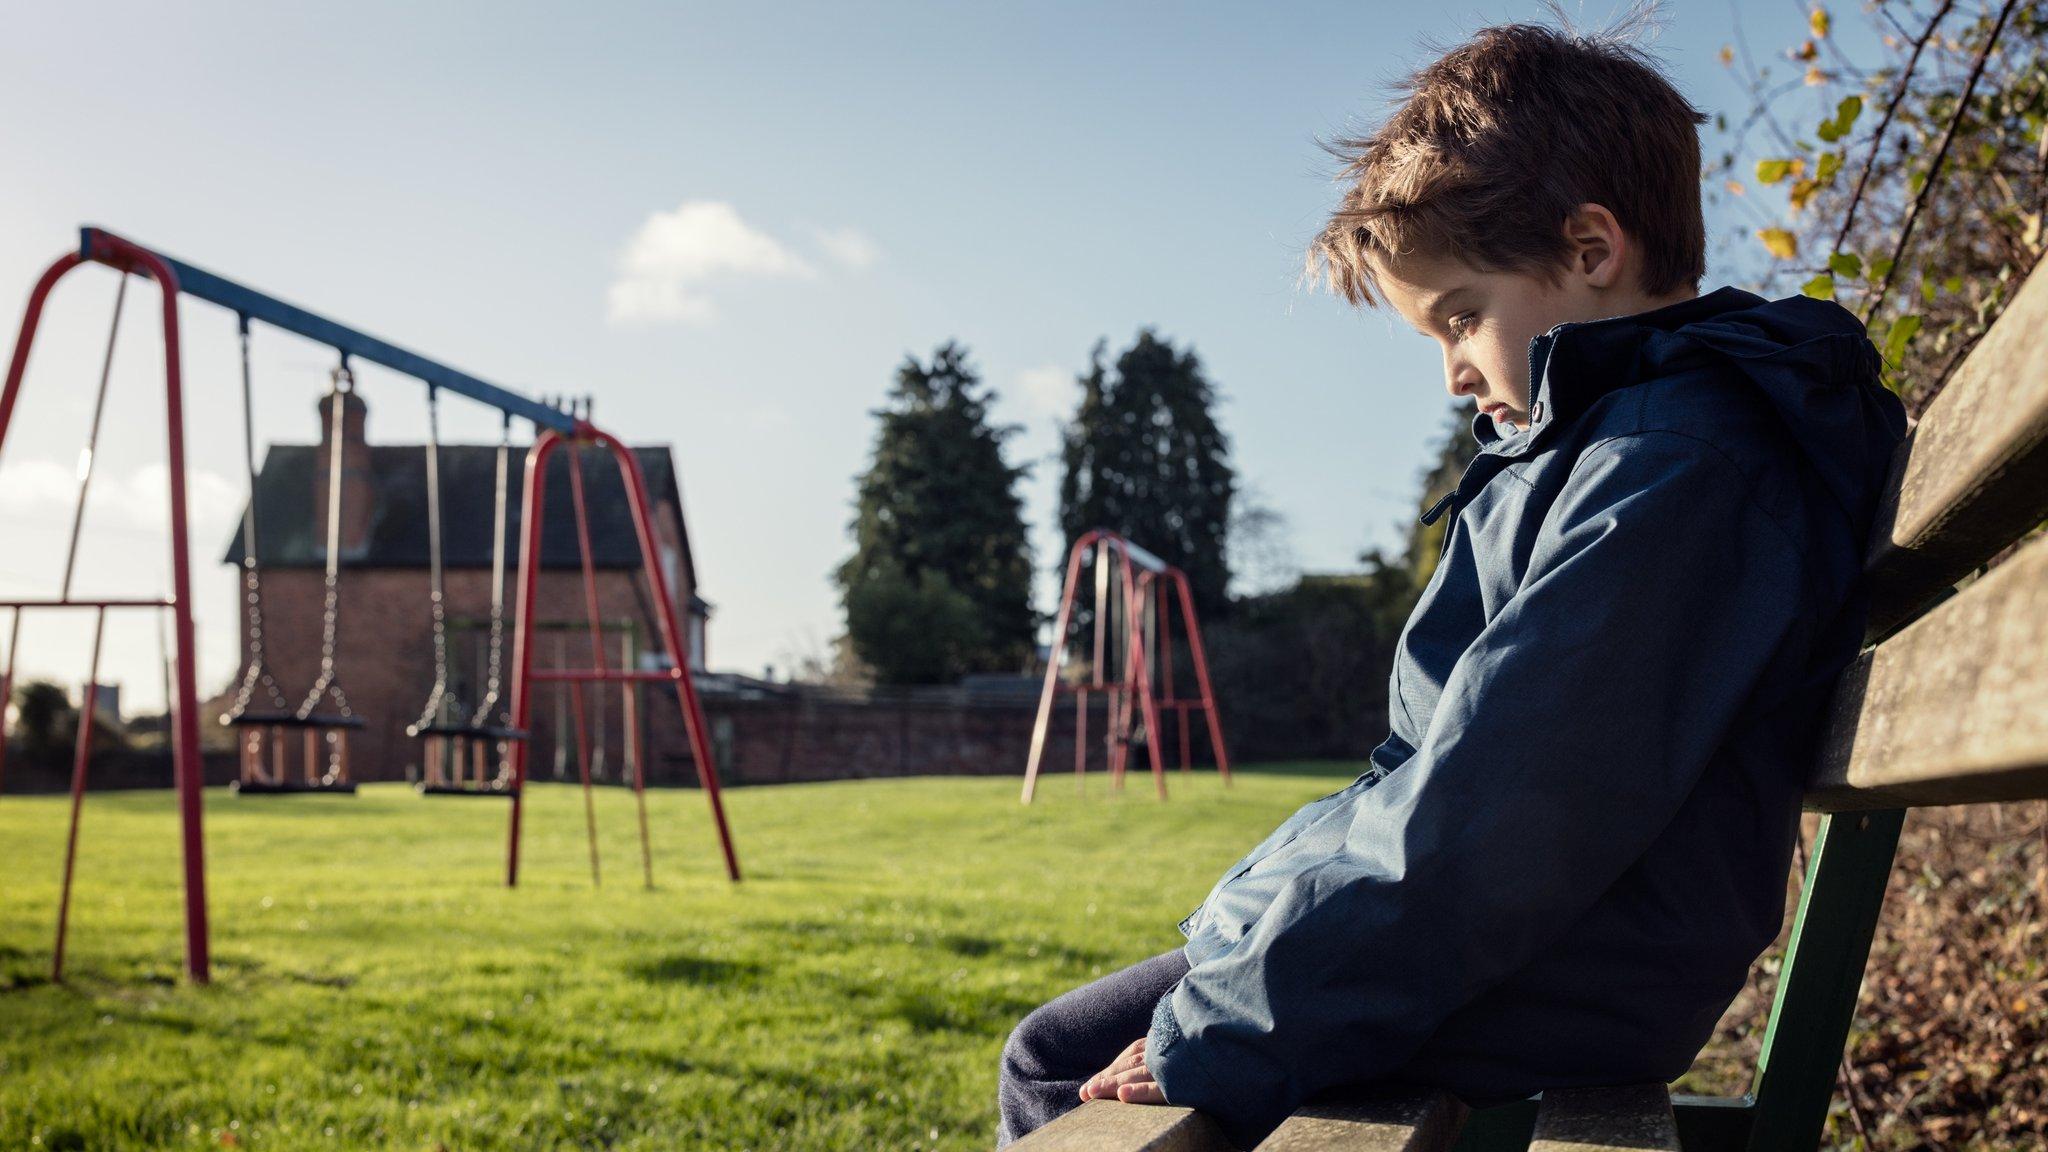 Niño solo sentado en un banco en el parque.